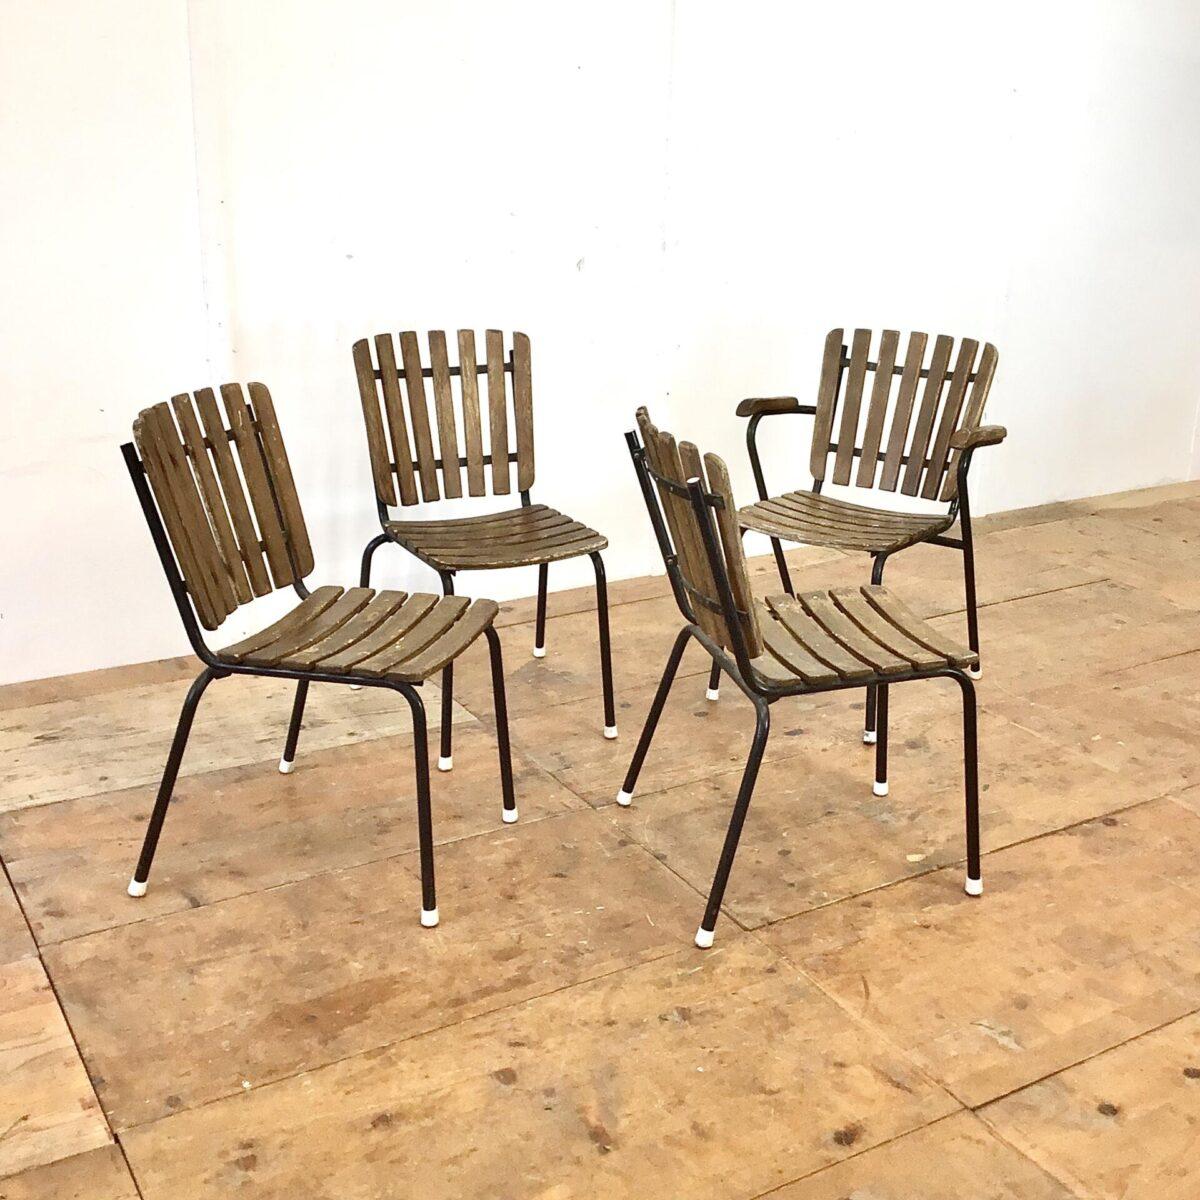 Deuxieme.shop Vintage Gartenstühle stapelbar mit Holzlatten. Einer mit Armlehnen und drei ohne. Hersteller nicht ersichtlich, Bks Denmark hat Gartenstühle in ähnlichem Stil produziert. Die Holzlatten wurden mal etwas gebeizt, hätte man auch schöner machen können. Aber insgesamt in gesundem Vintage Zustand.